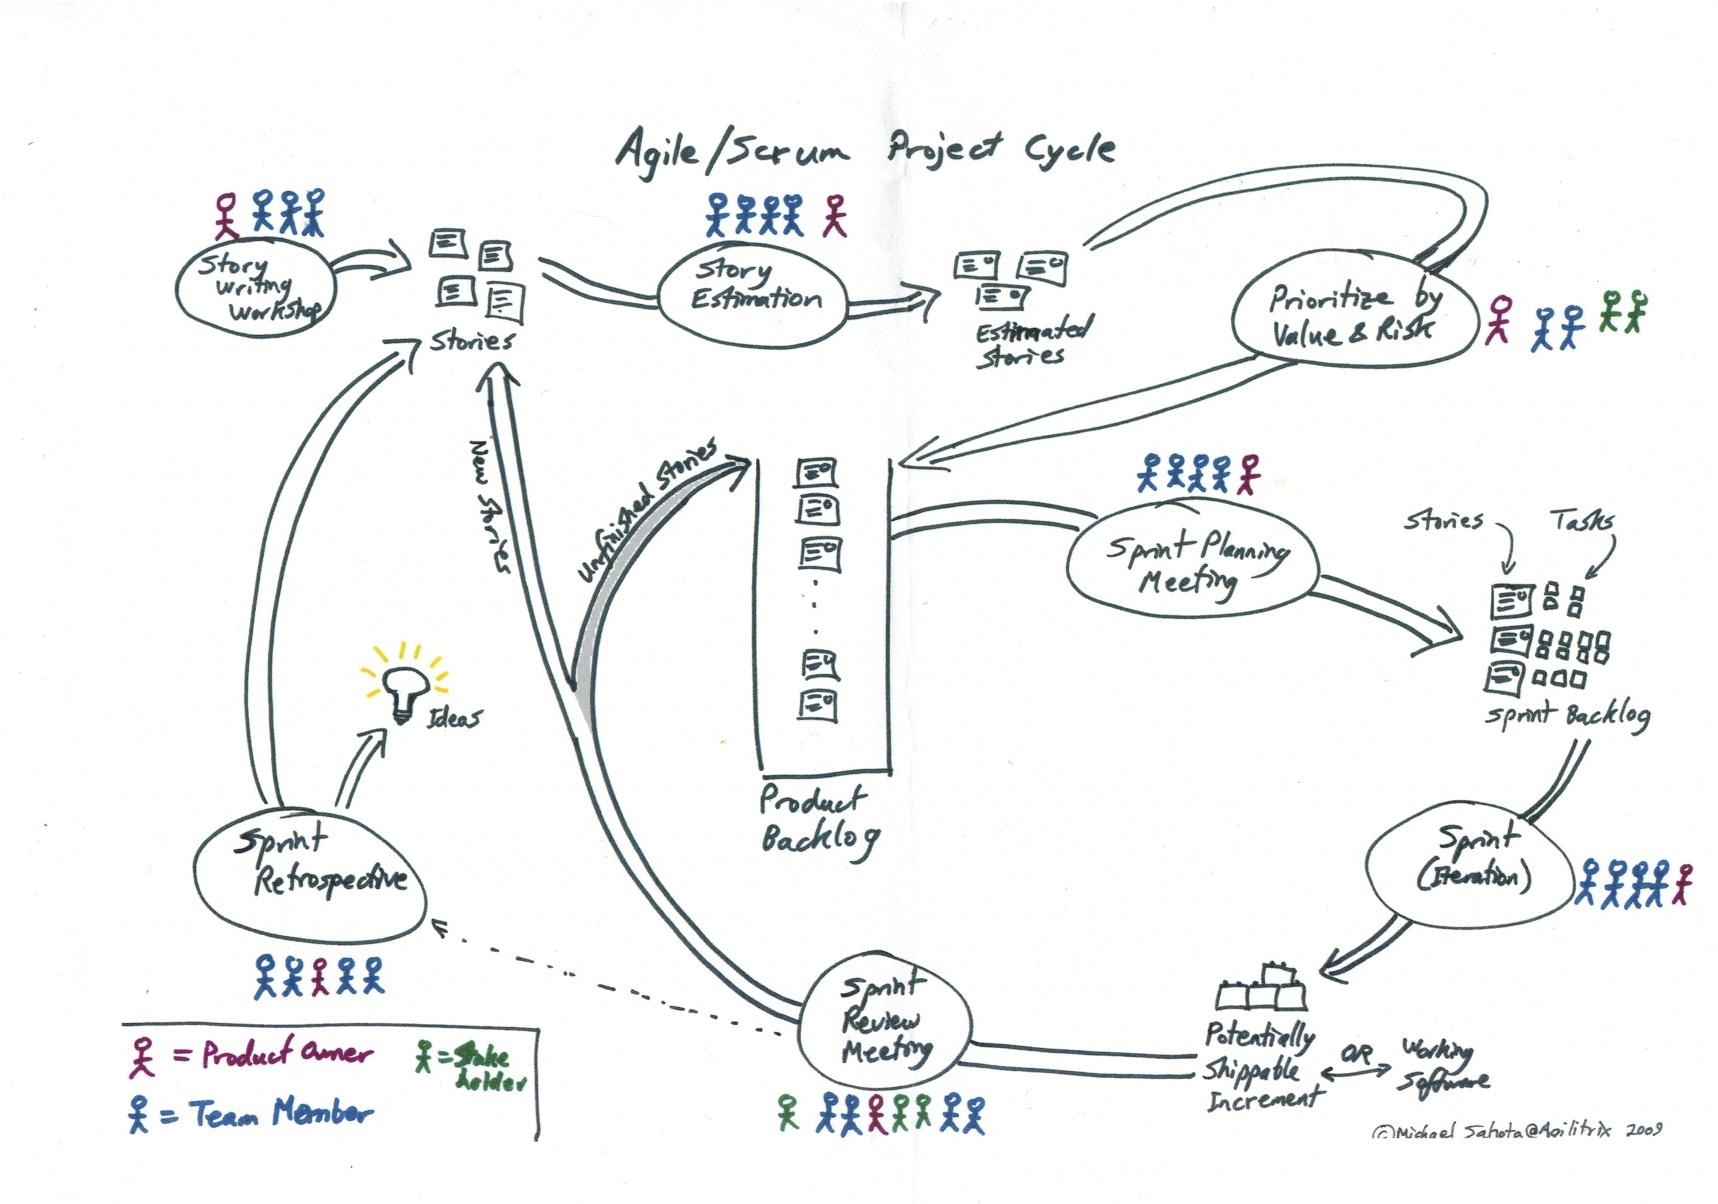 Agile Methodology For Running Rpgs